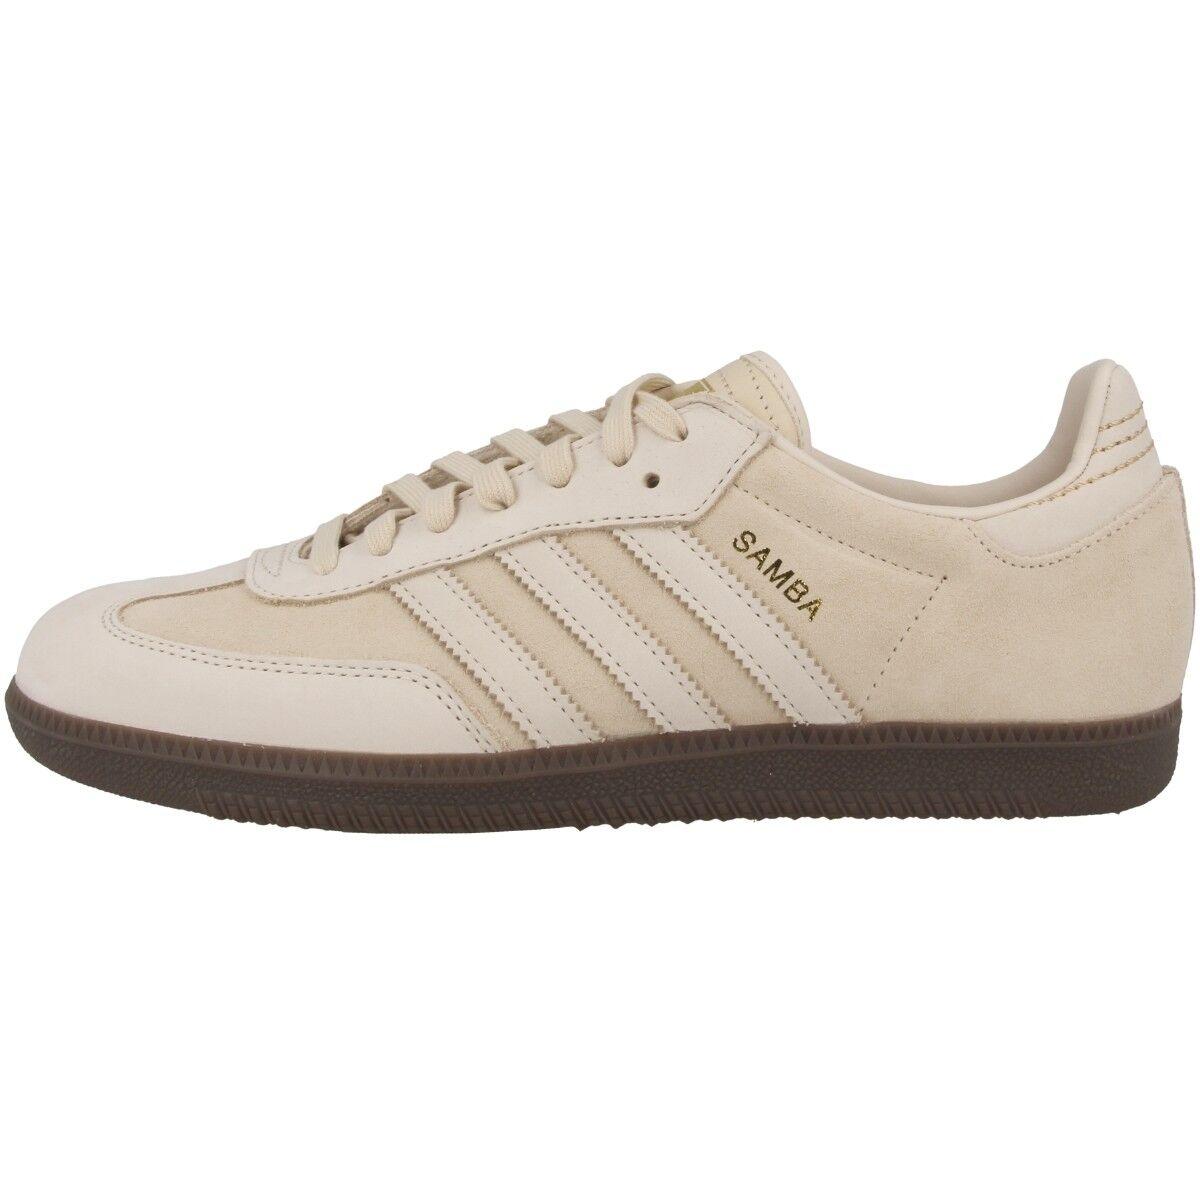 Adidas Samba FB Schuhe Originals Freizeit Sneaker linen gold metallic CQ2090